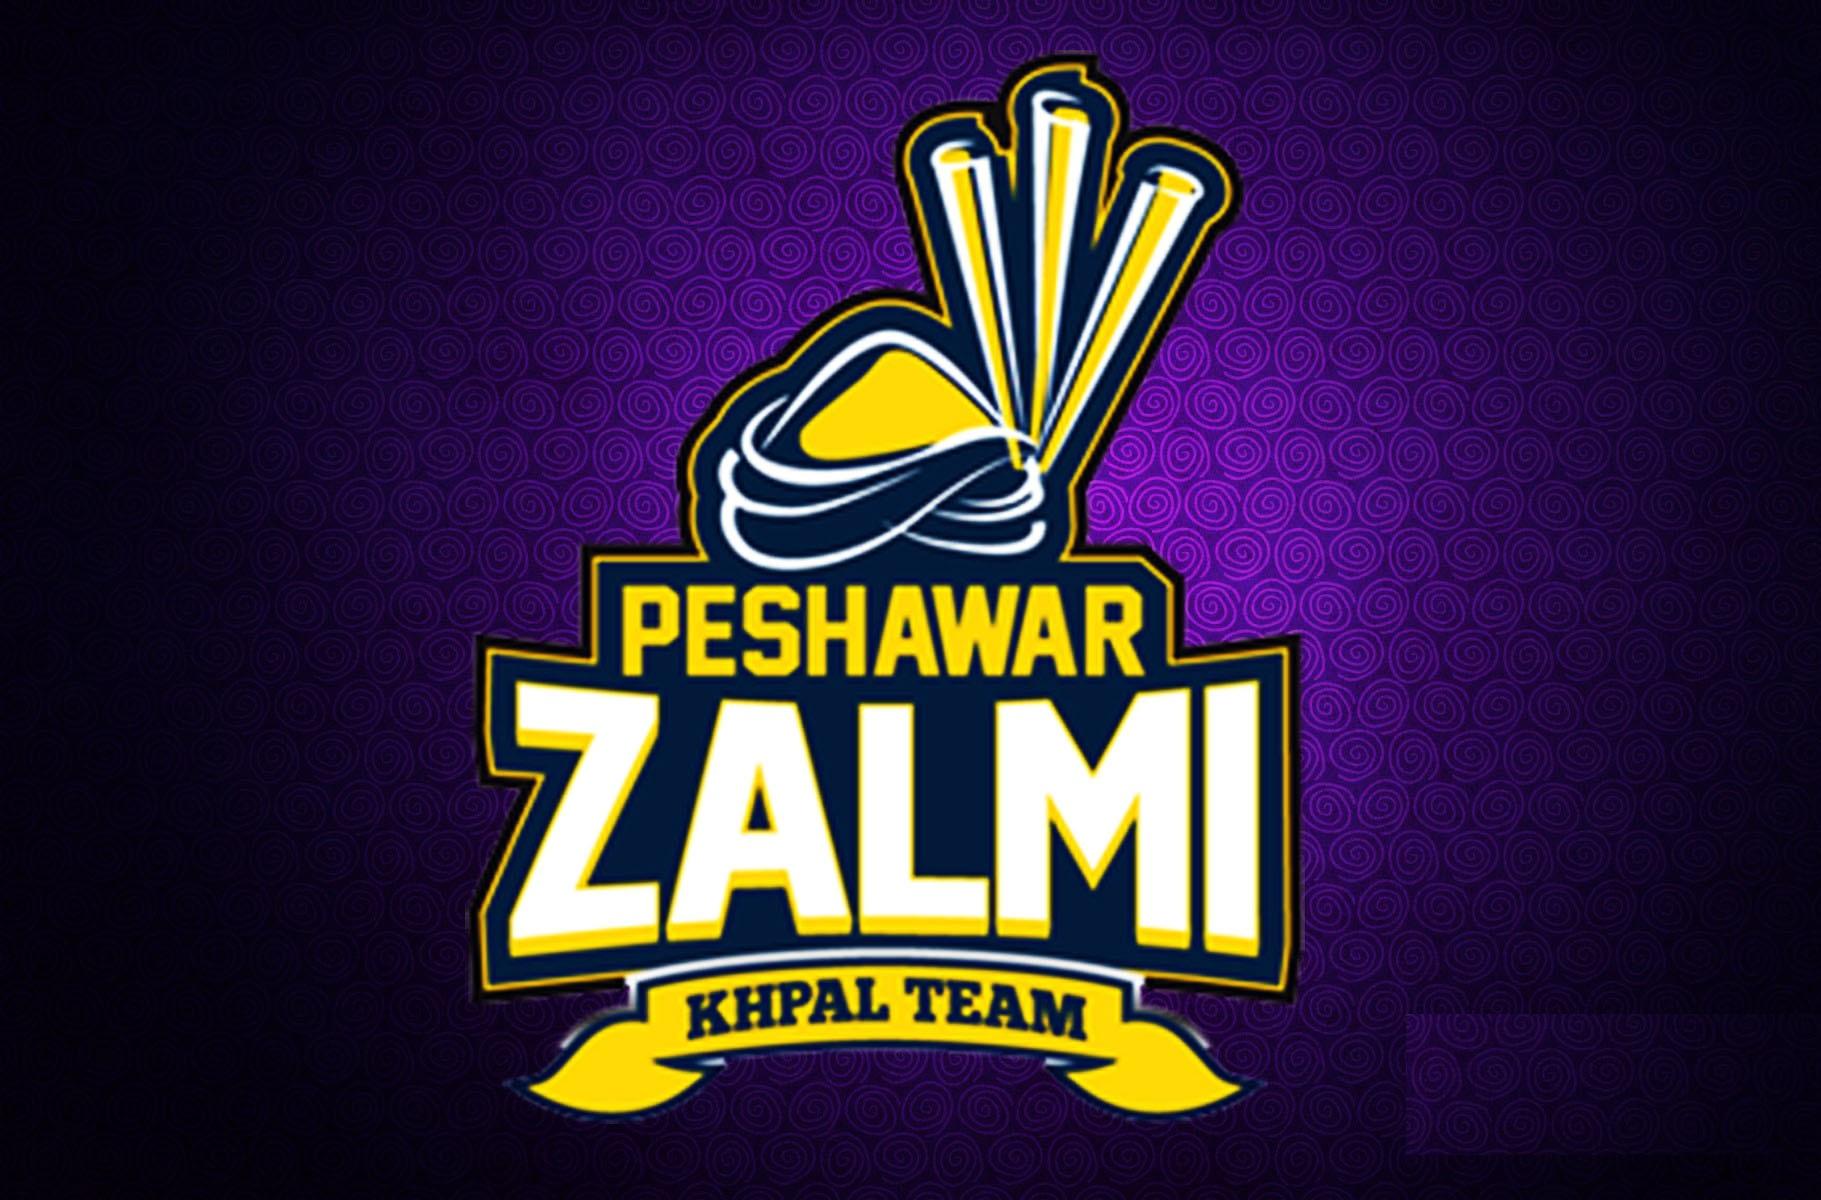 PSL Hd: Peshawar Zalmi Logo